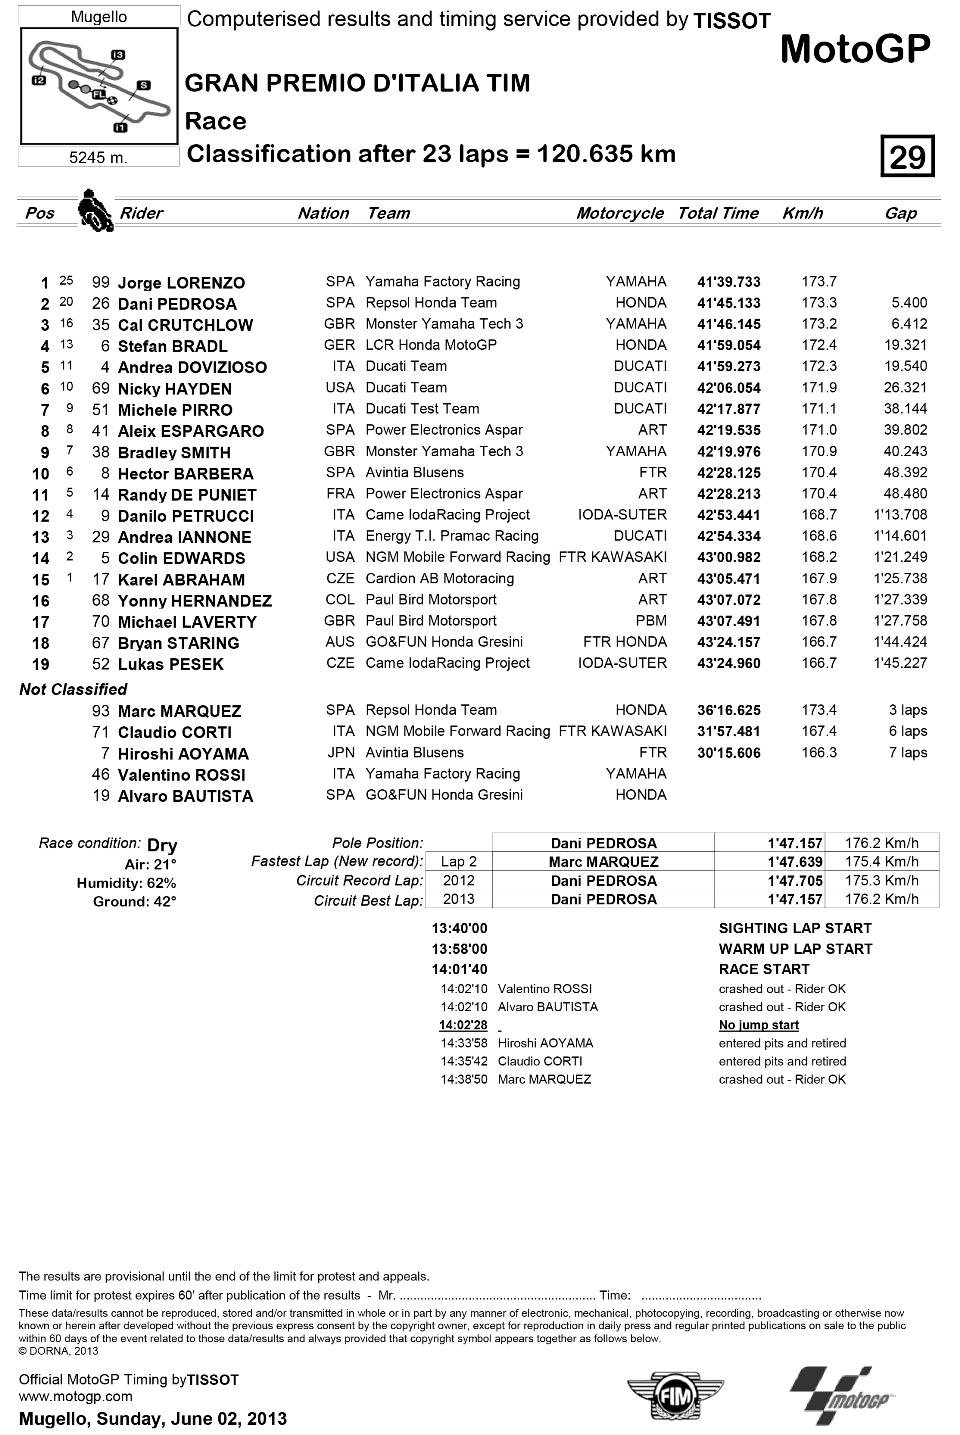 Представляем результаты гонки MotoGP Гран-При Италии 2013: